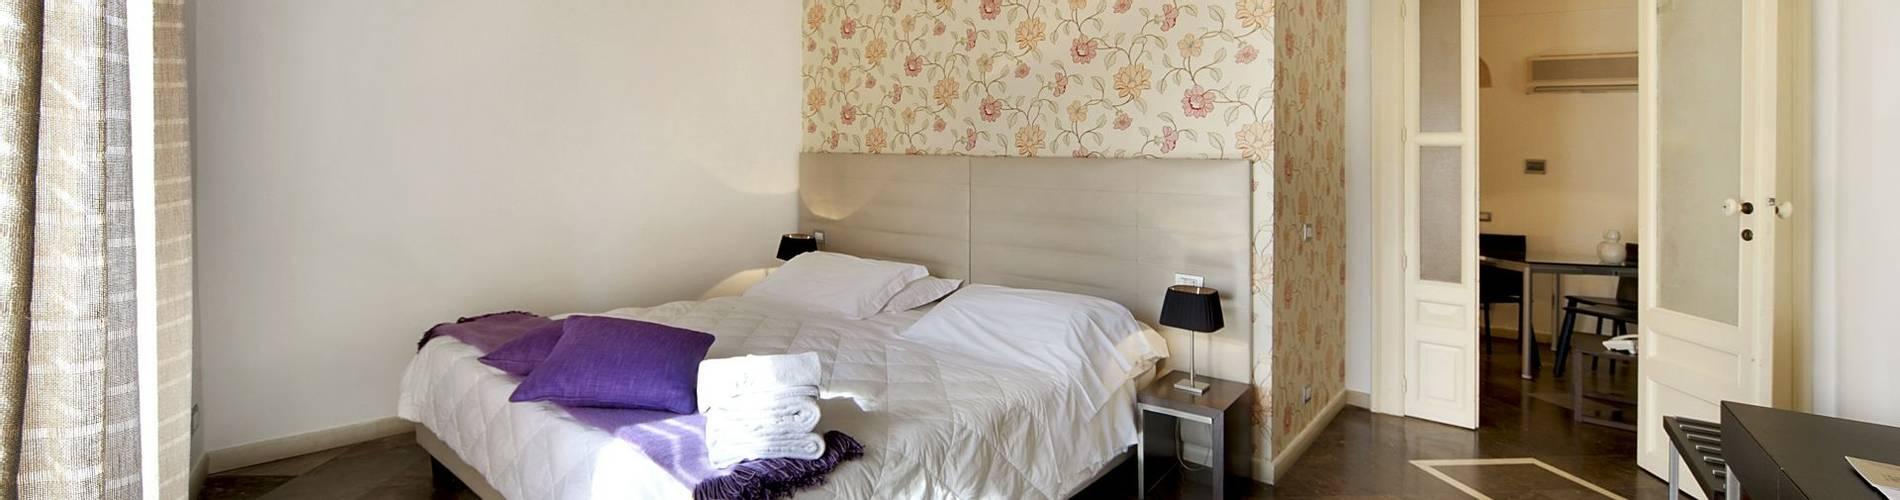 Villa Del Lauro, Sicily, Italy, camera 9 suite (2).jpg